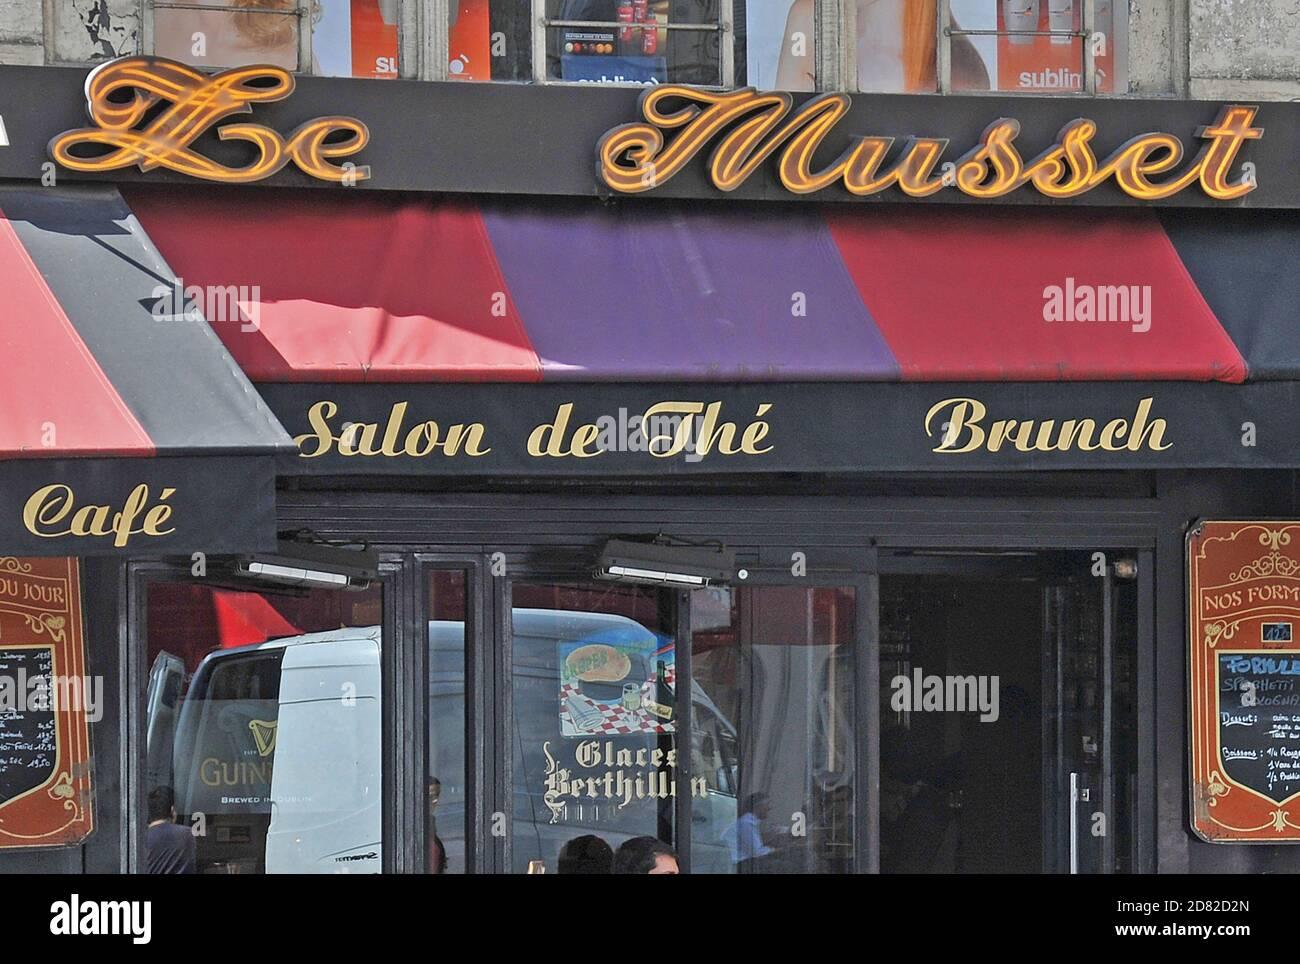 Le Musset cafe bar, rue de l'Echelle,  Paris, France Stock Photo